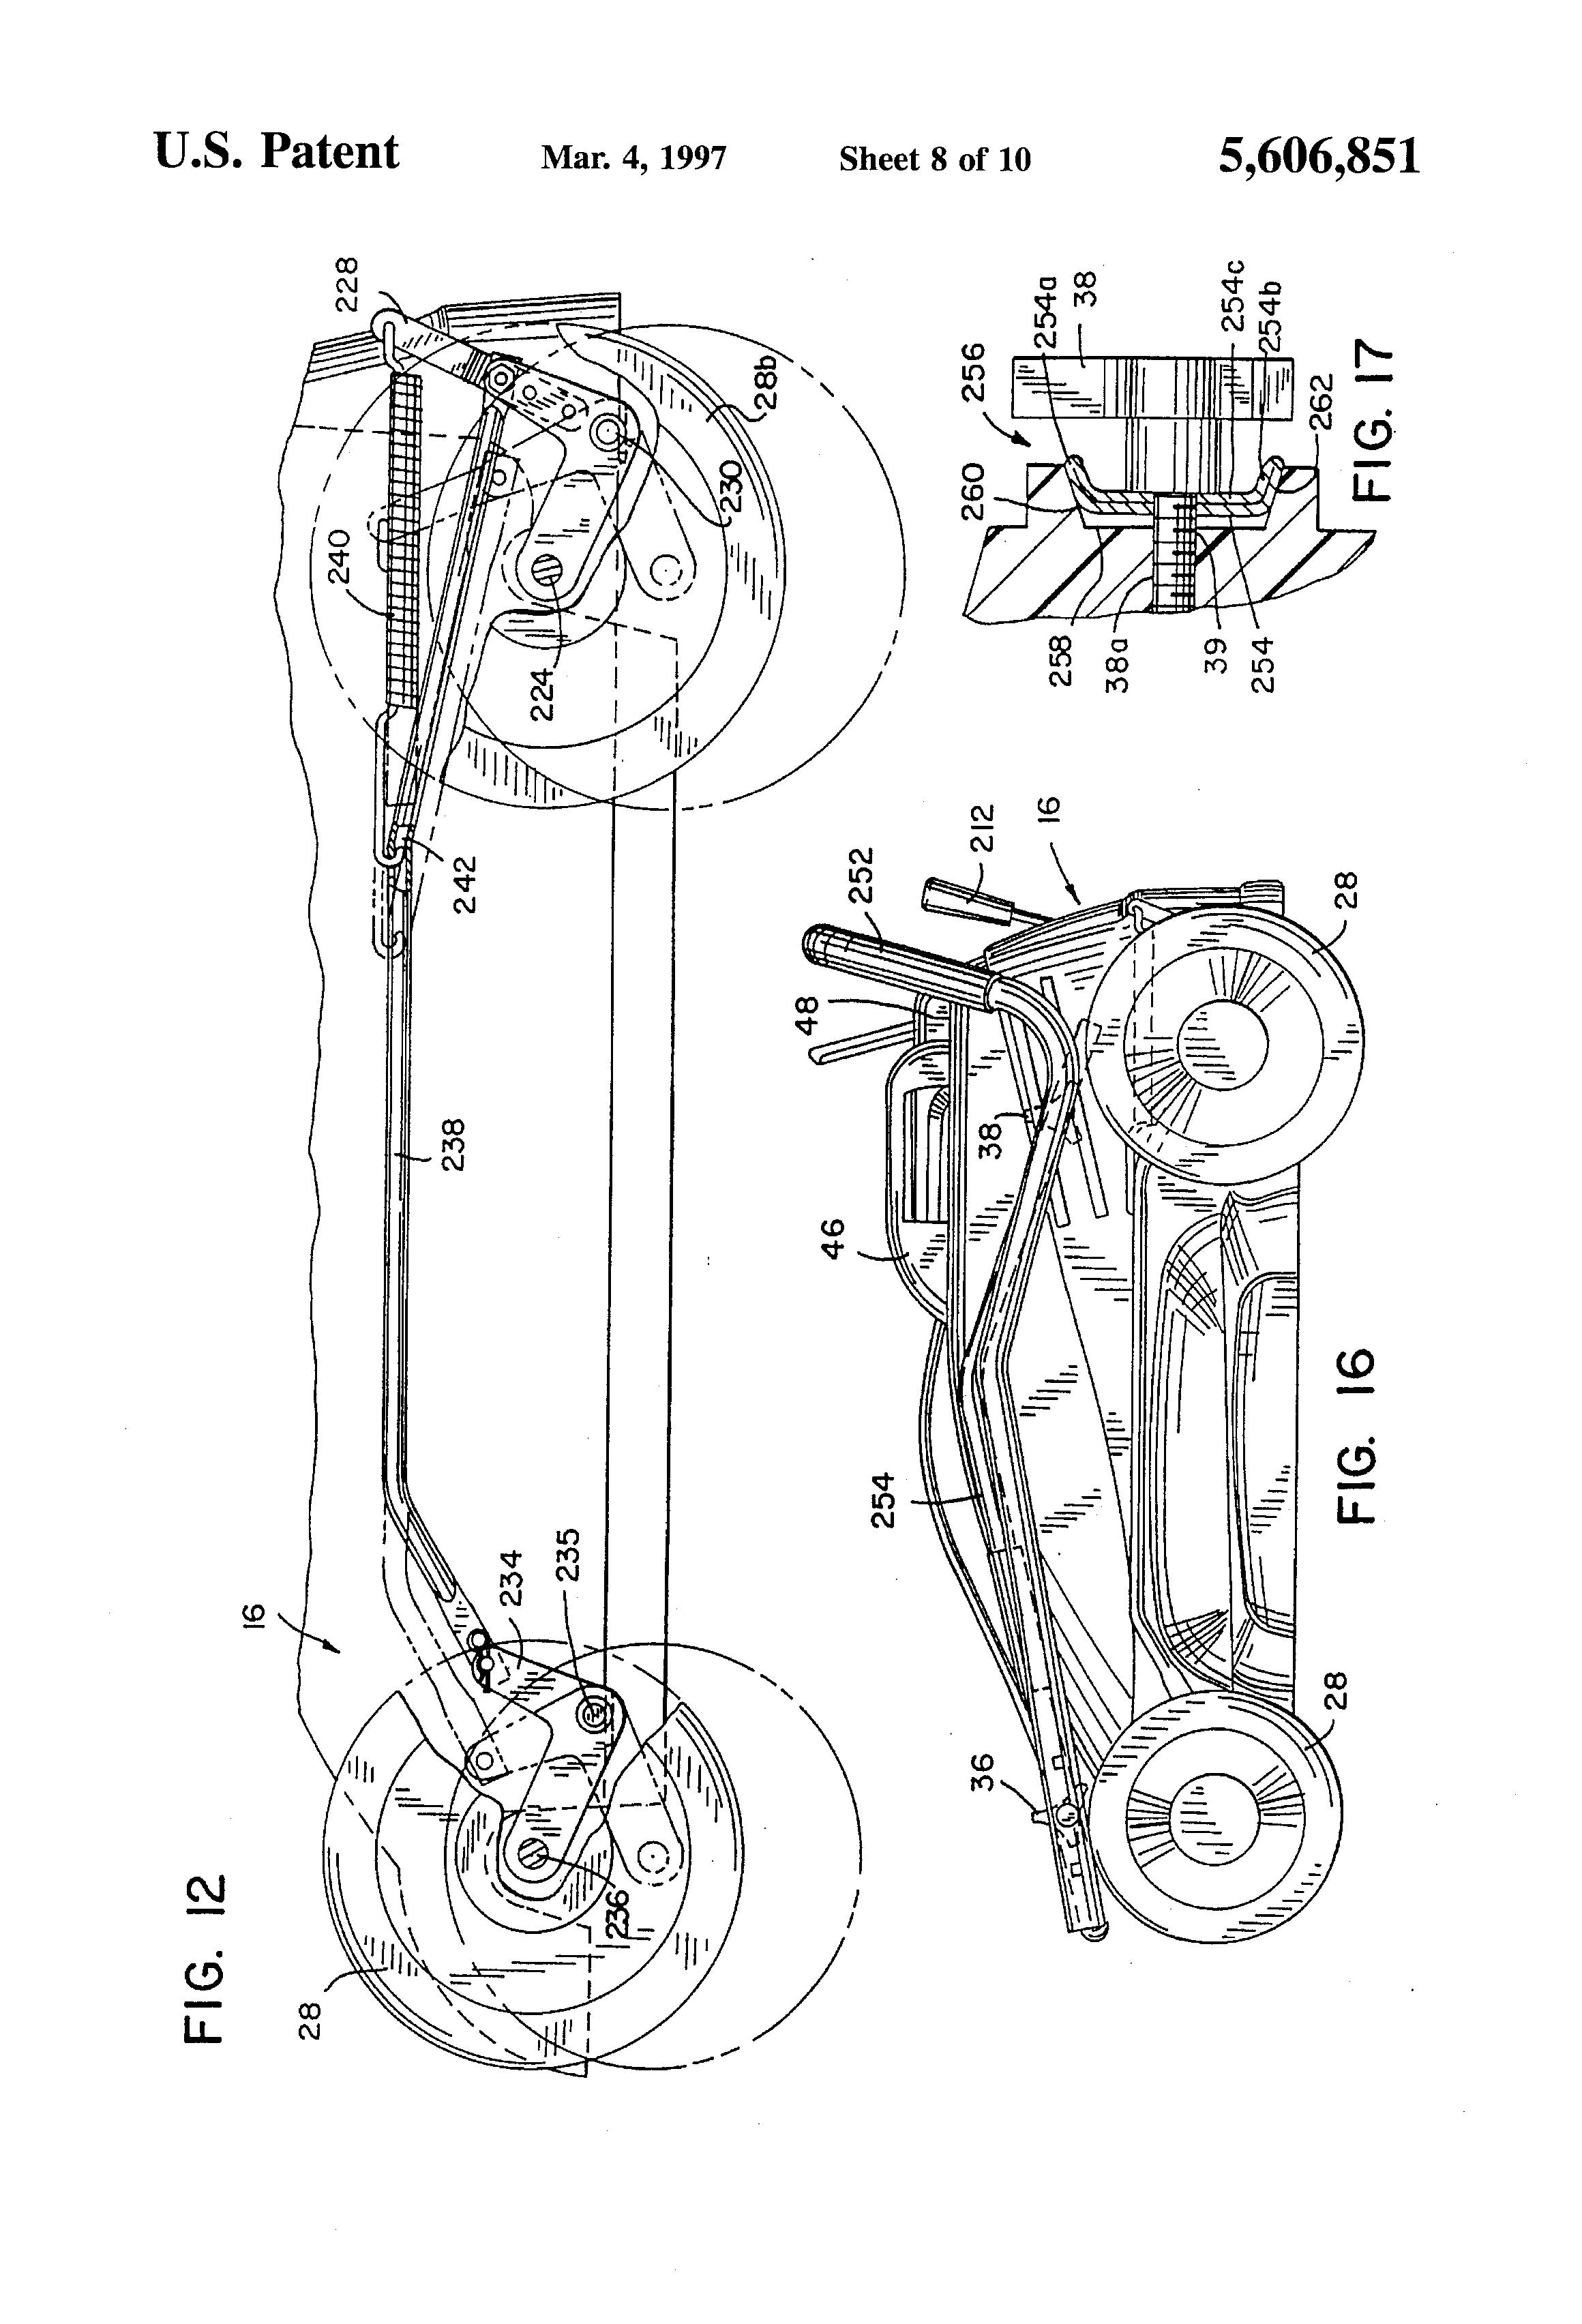 ryobi 40v lawn mower manual